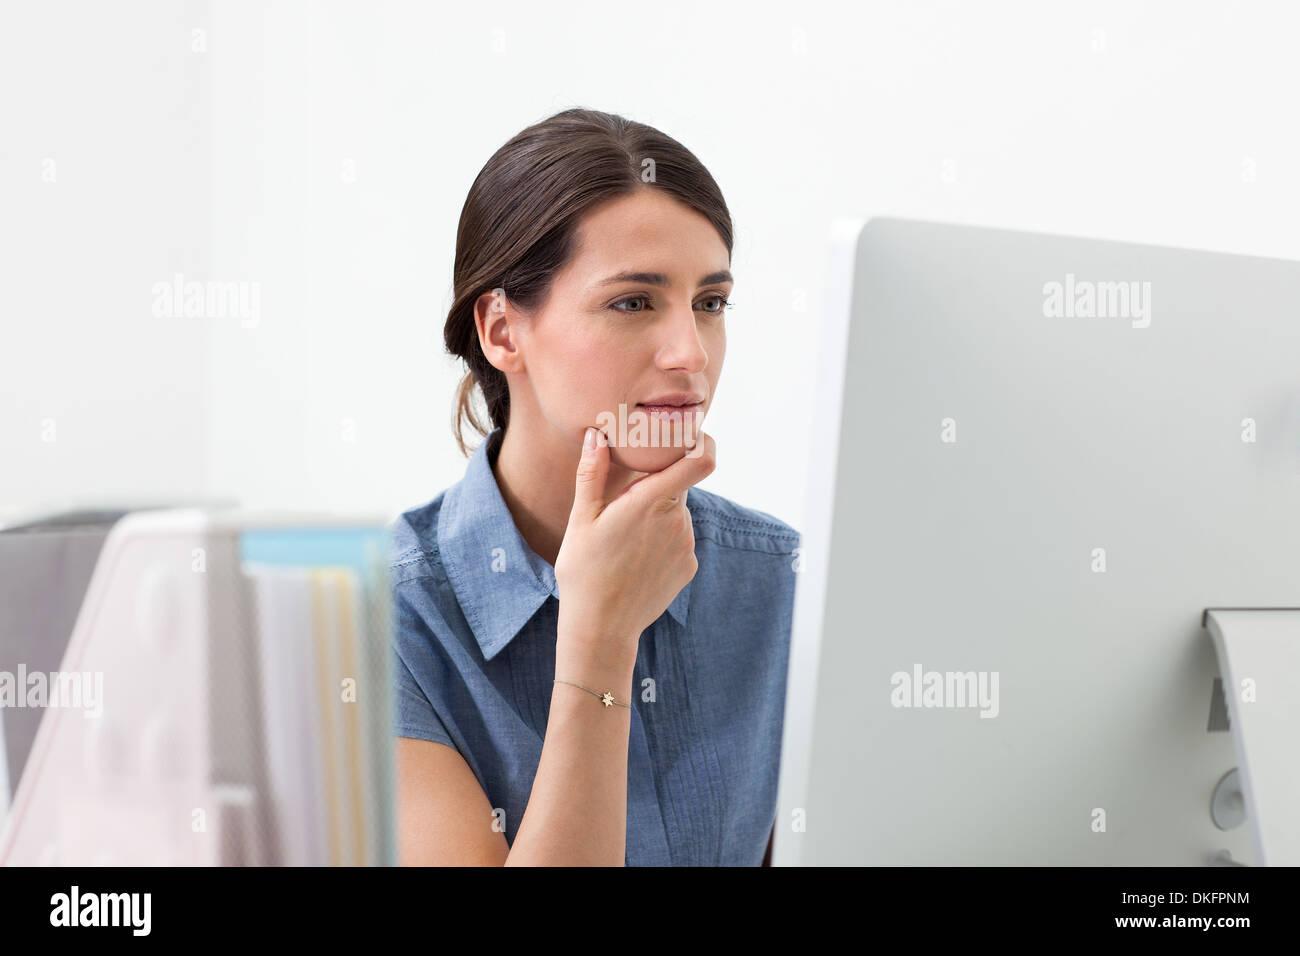 Junge Frau am Computer arbeiten Stockfoto